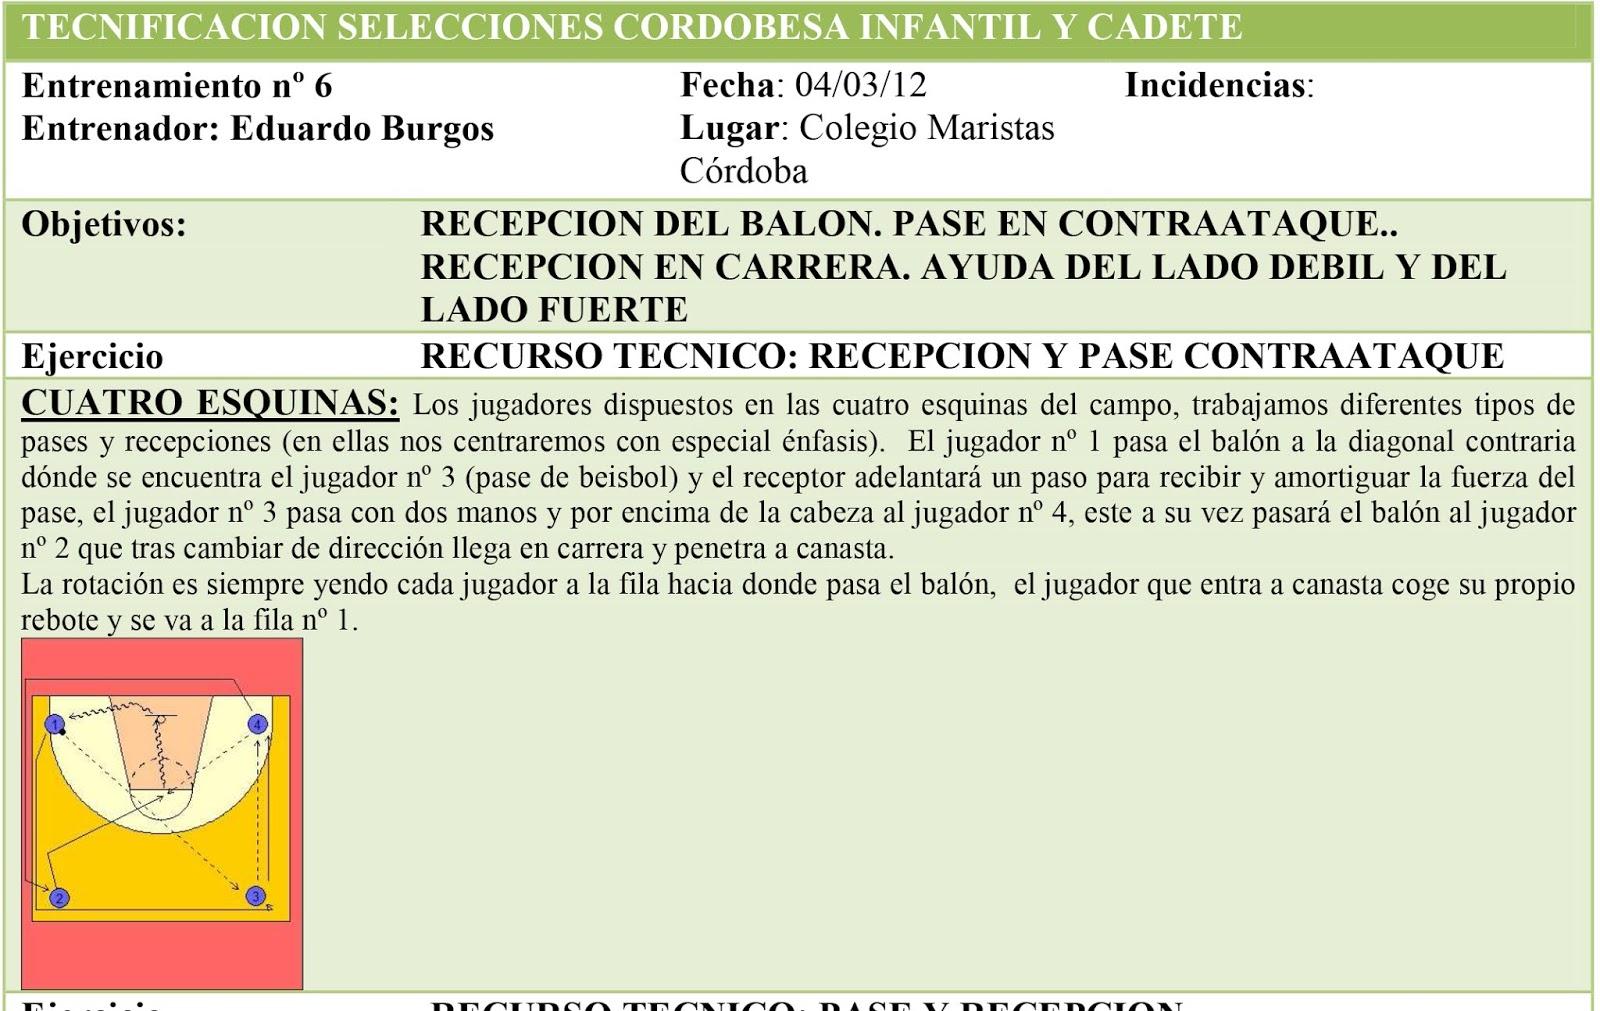 entreno 6 Eduardo Burgos-1